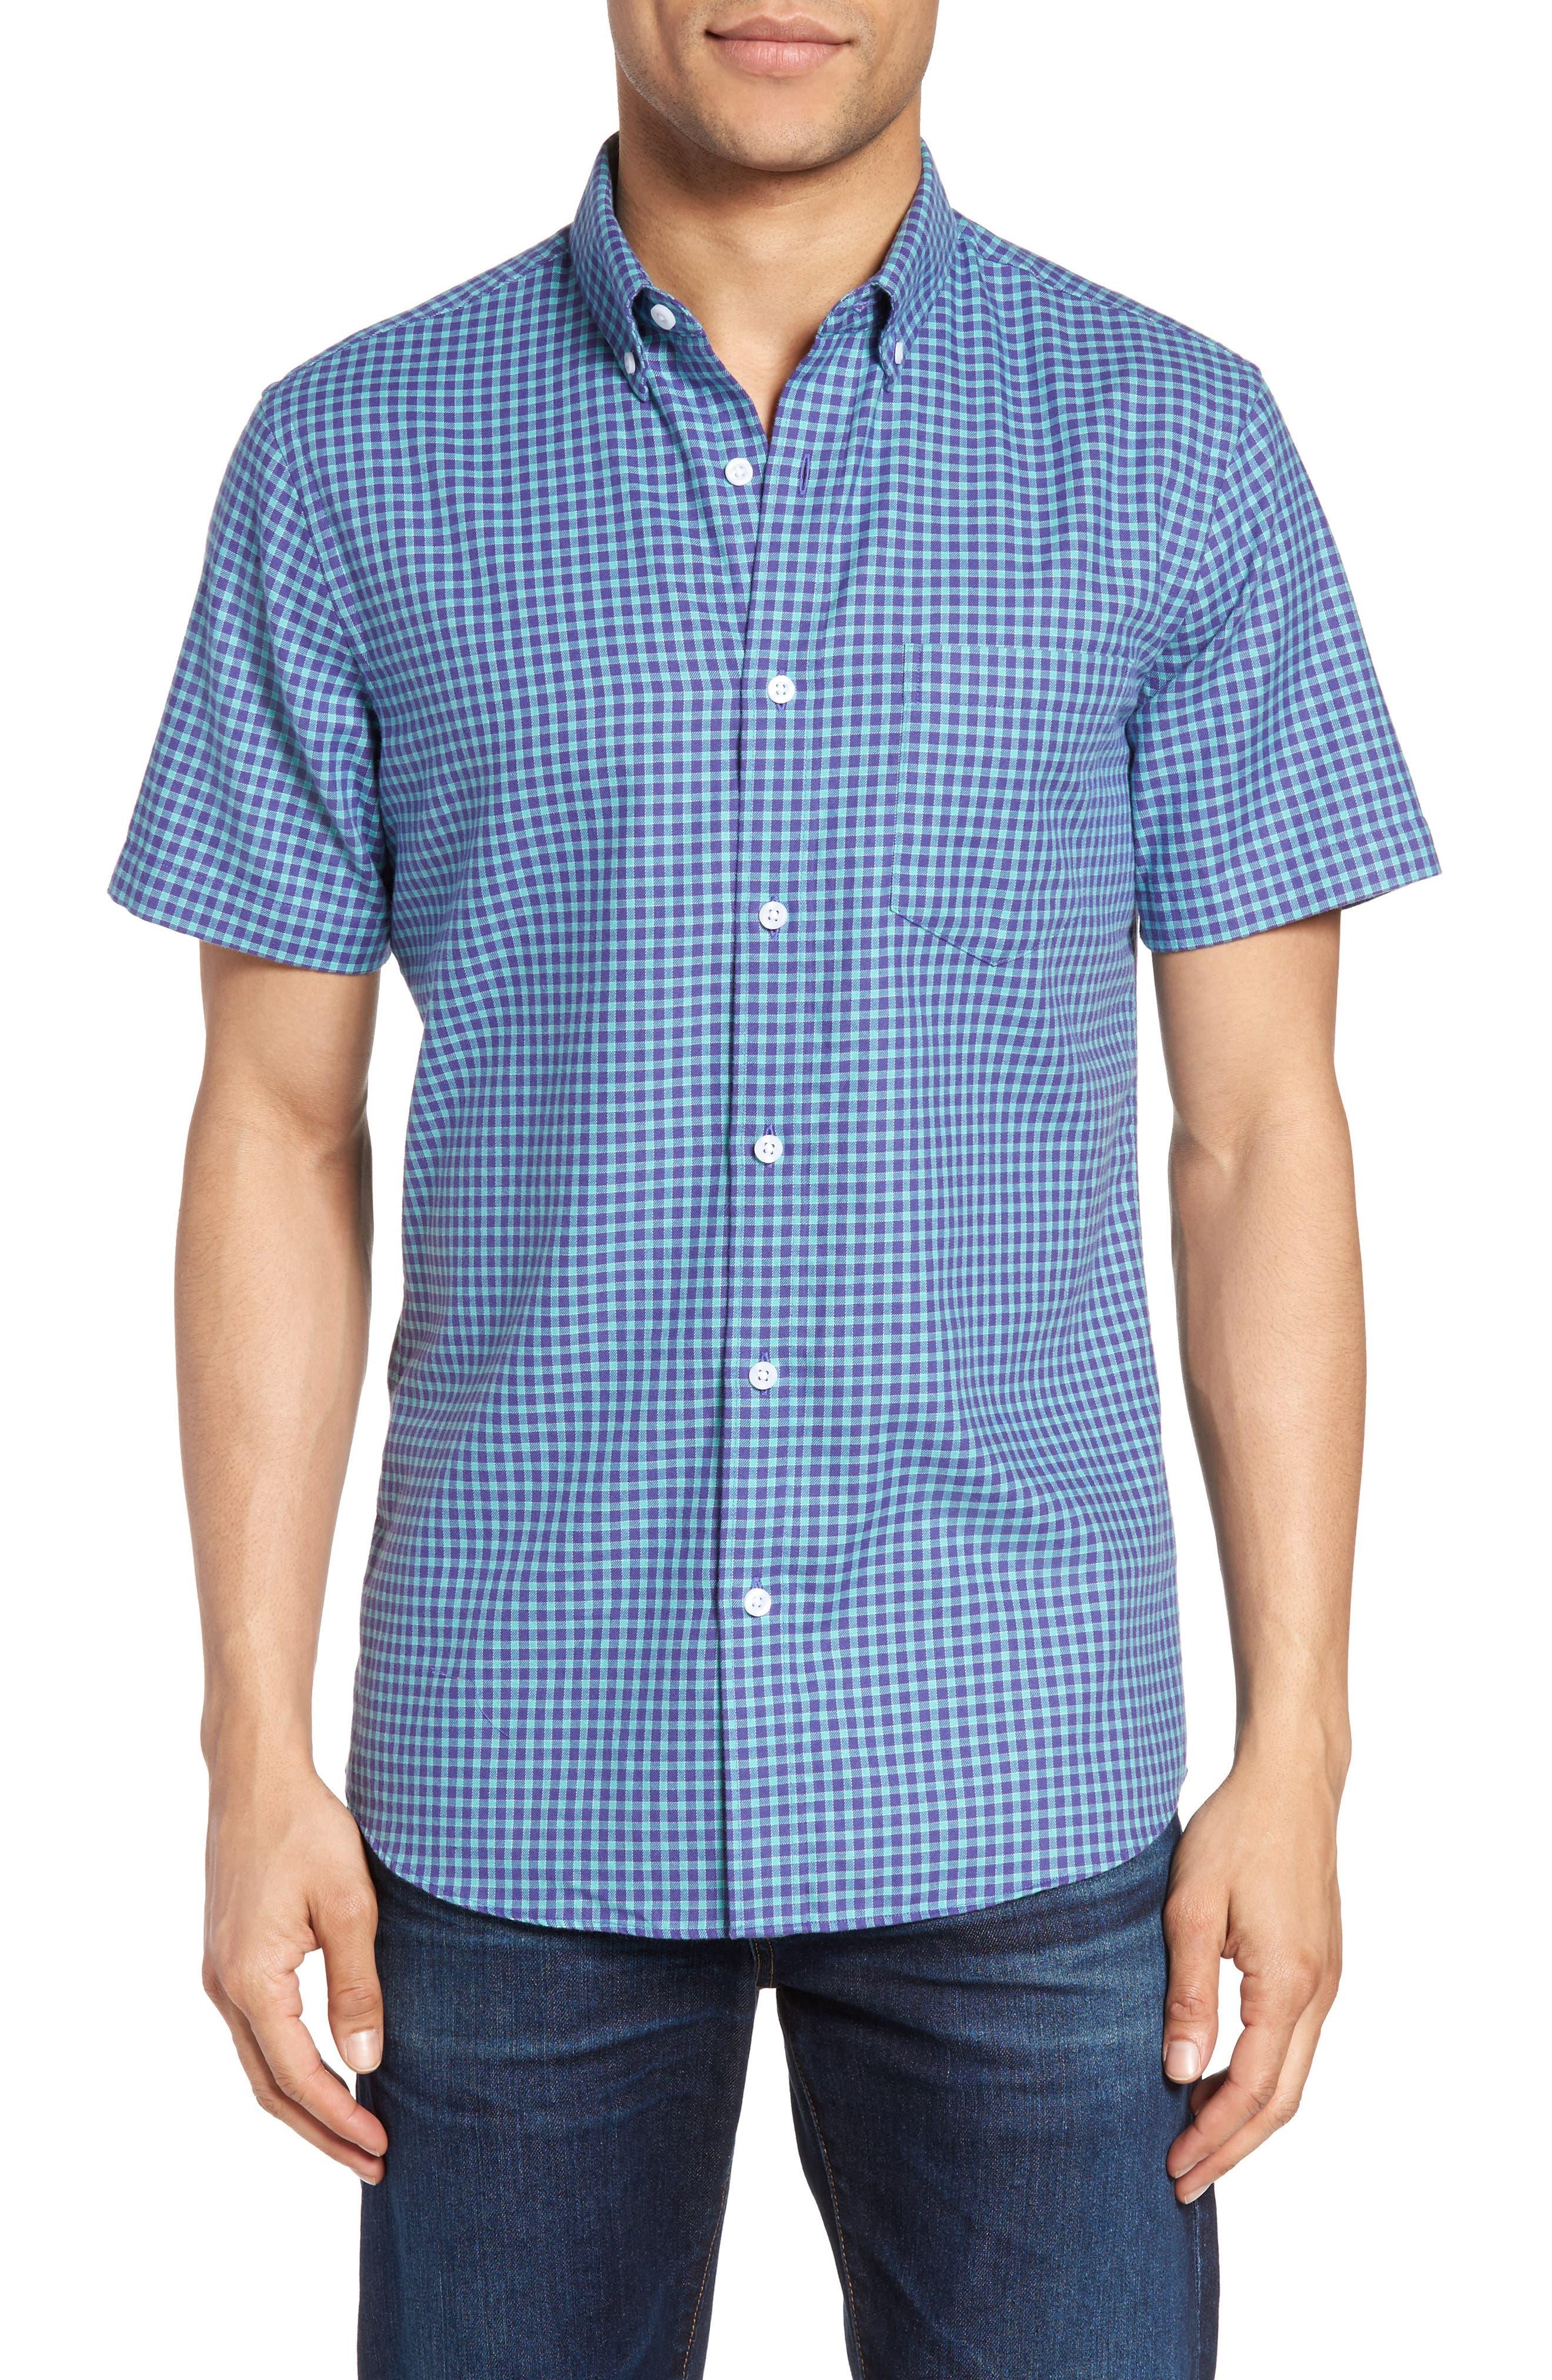 Nordstrom Men's Shop Slim Fit Check Sport Shirt